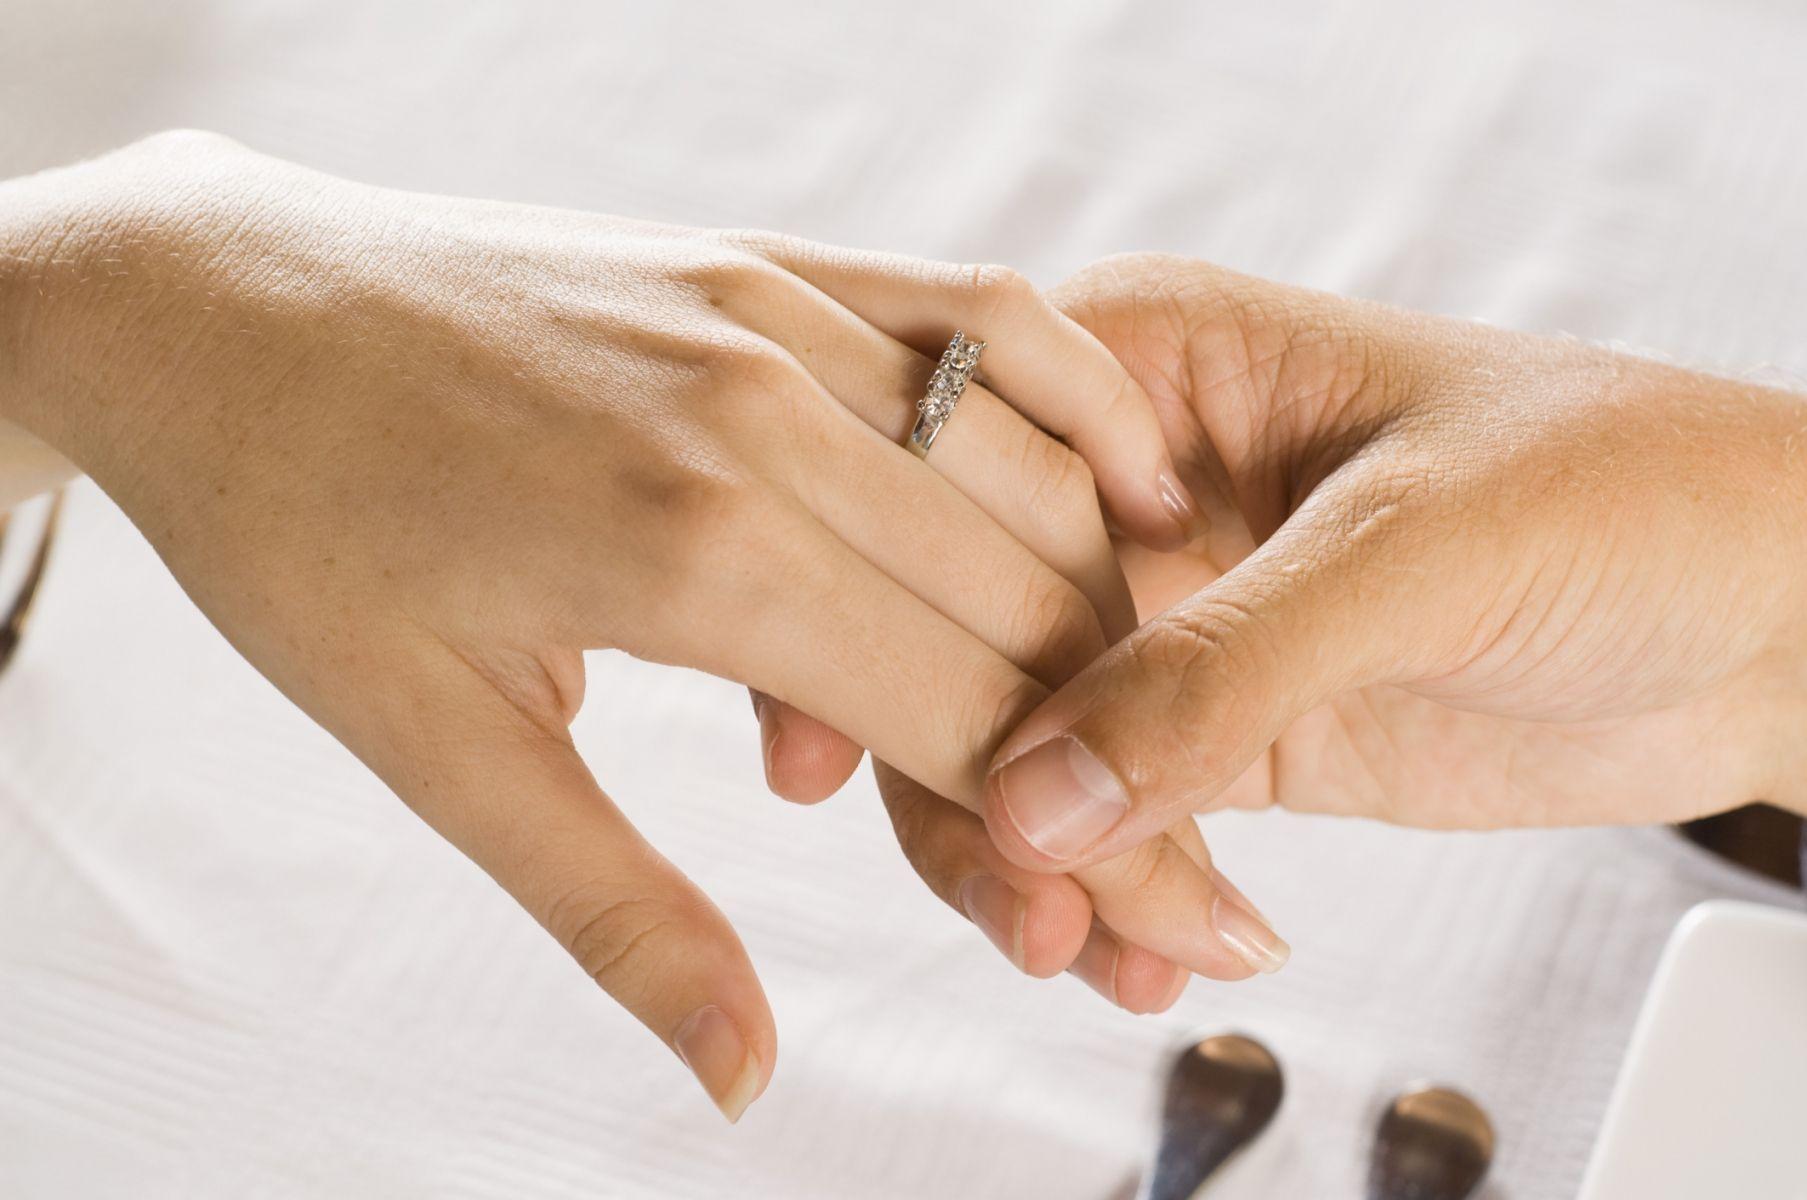 El matrimonio es bueno para la salud a partir de los cuarenta años